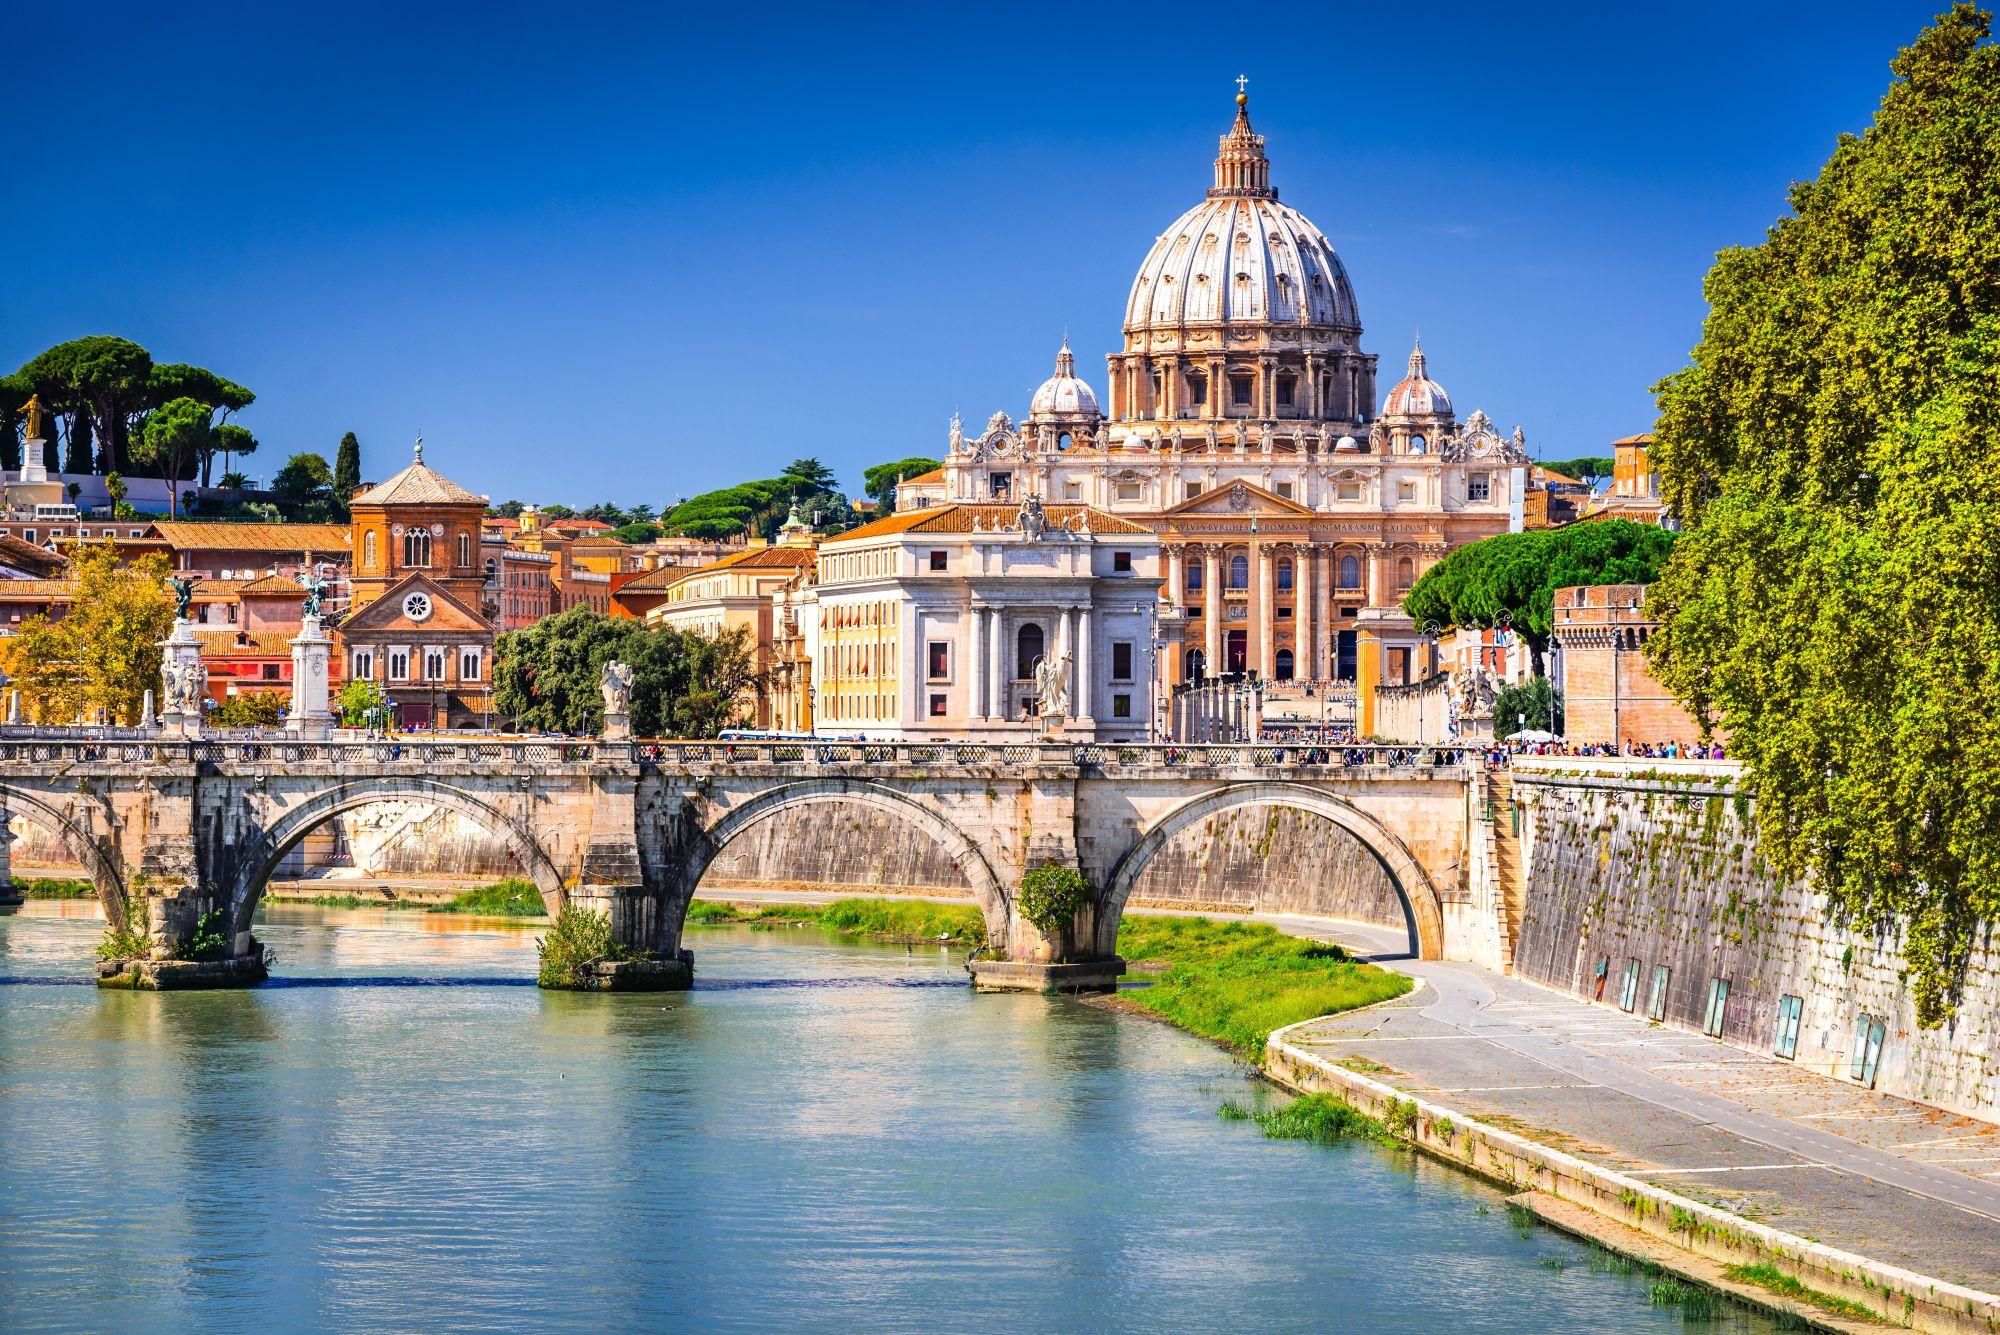 Rzym widok rzeki